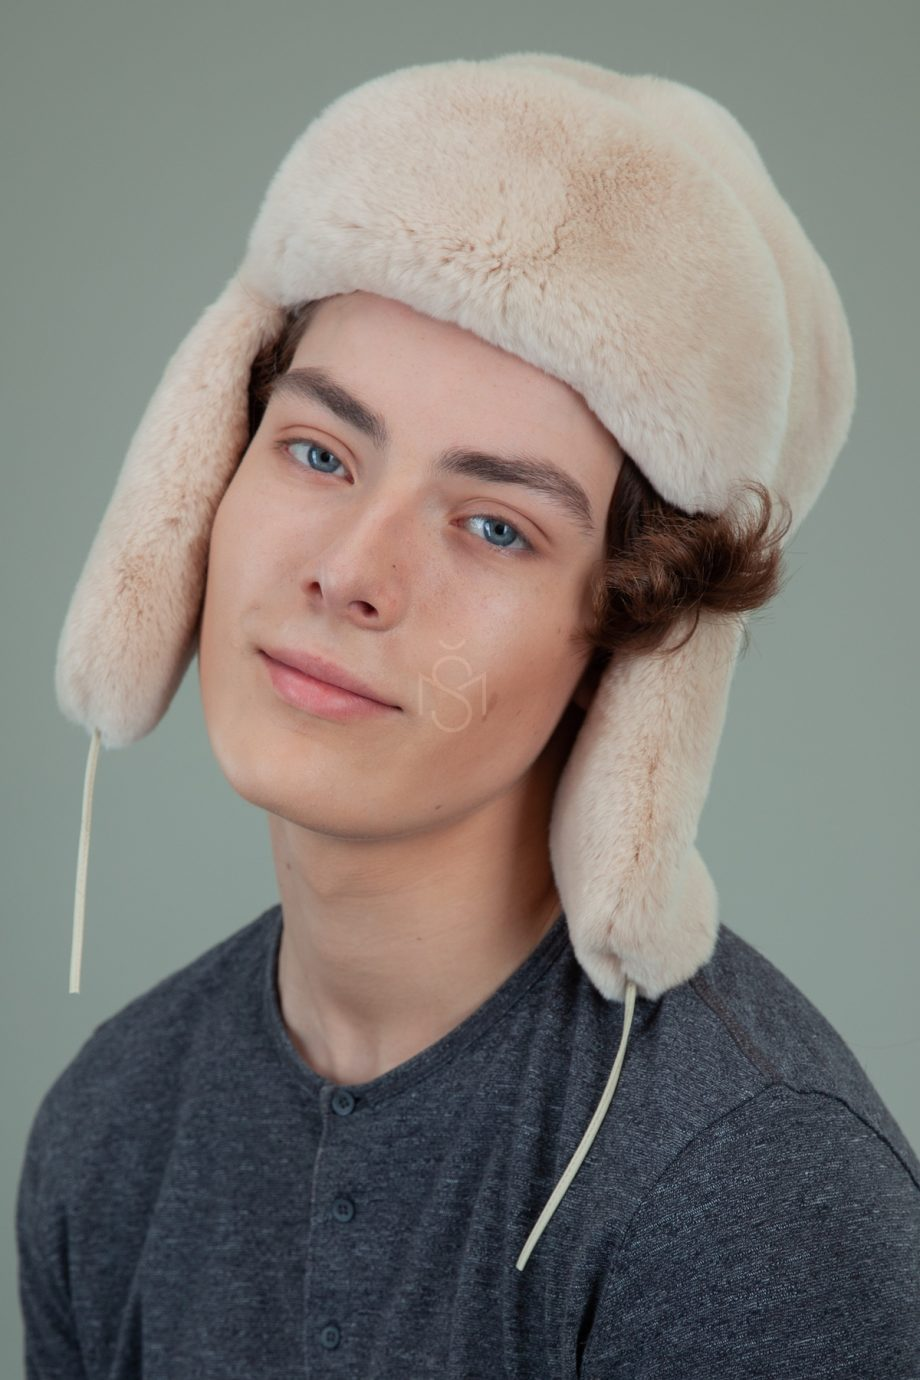 biezinio rekso triusio kailio kepure su surisamomis ausimis moterims